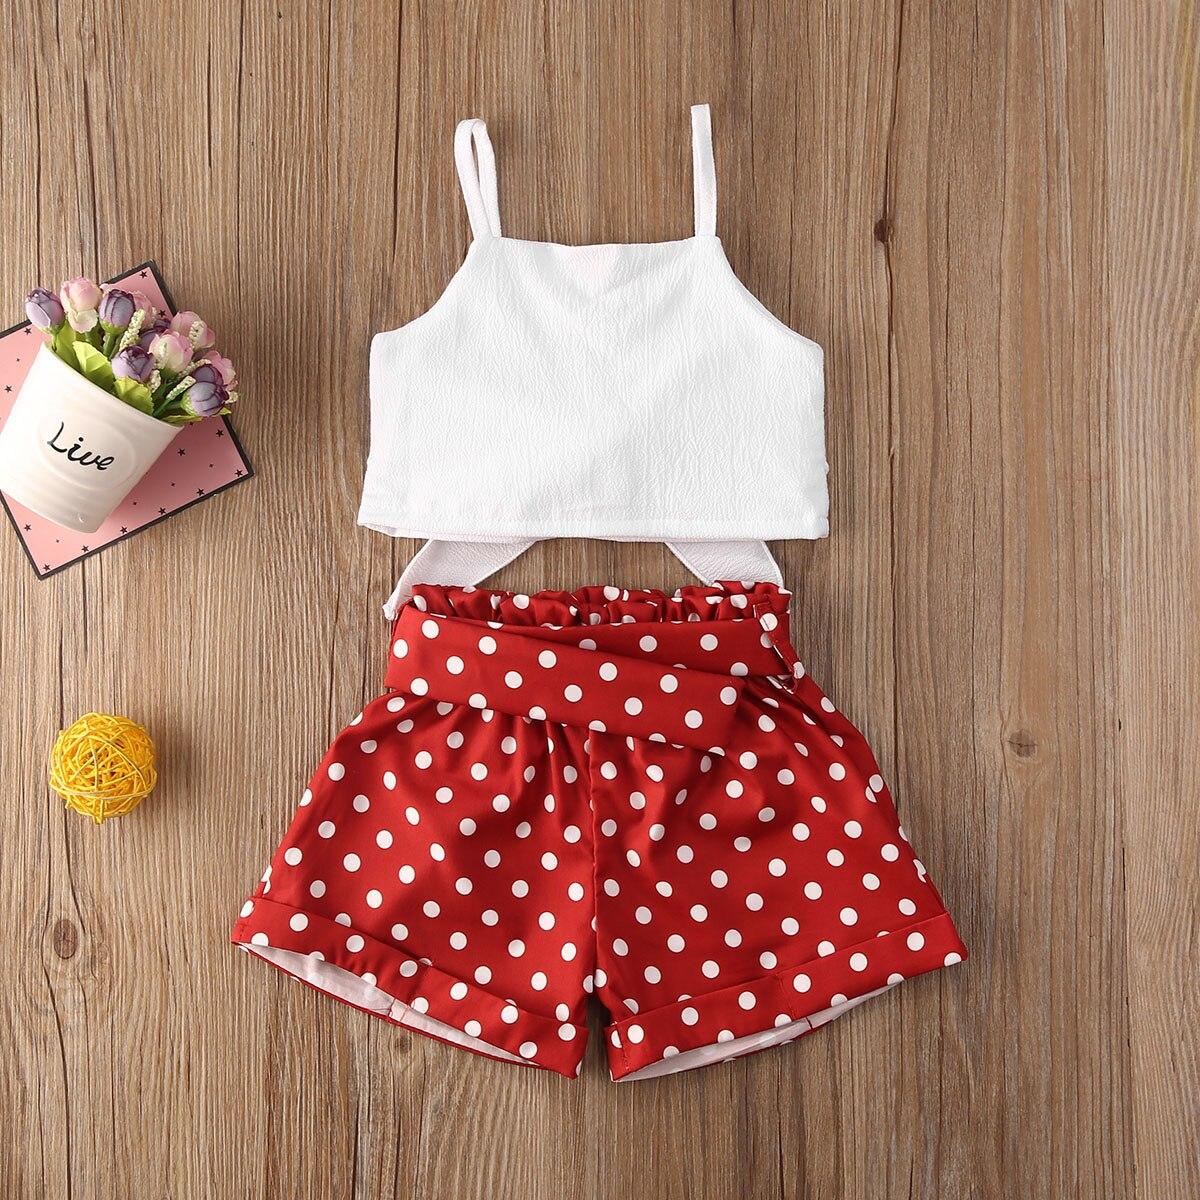 Maluch dziewczynka ubrania zestawy lato jednolity kolor pasek Bowknot krótkie bluzki Polka Dot krótkie spodnie 2 sztuk stroje 1-6Y